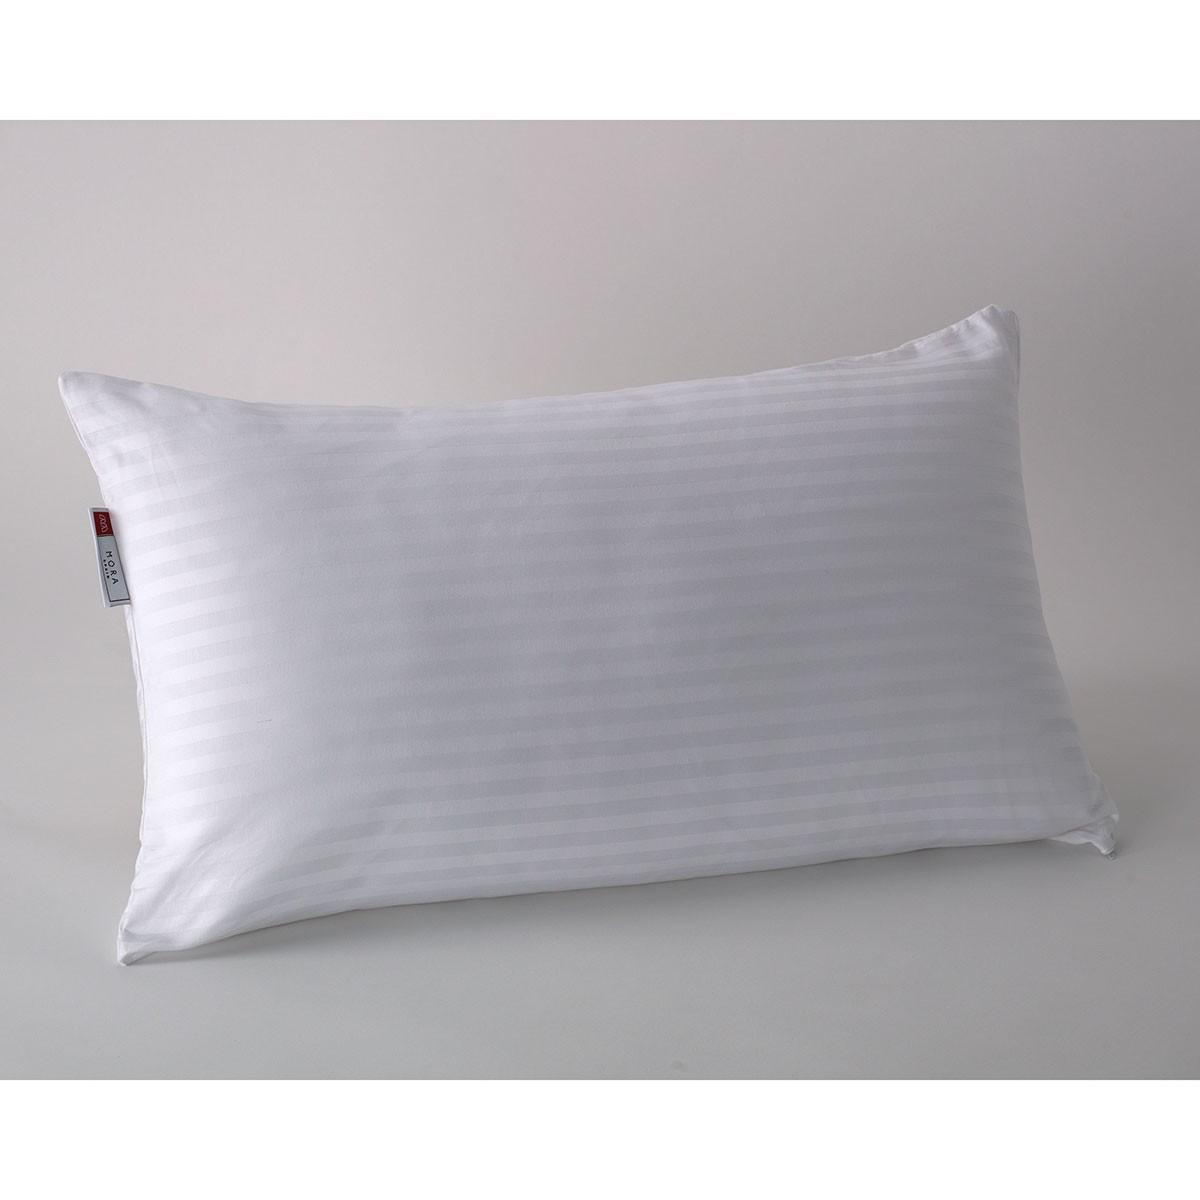 Μαξιλάρι Ύπνου Morven Mora Duna Medium